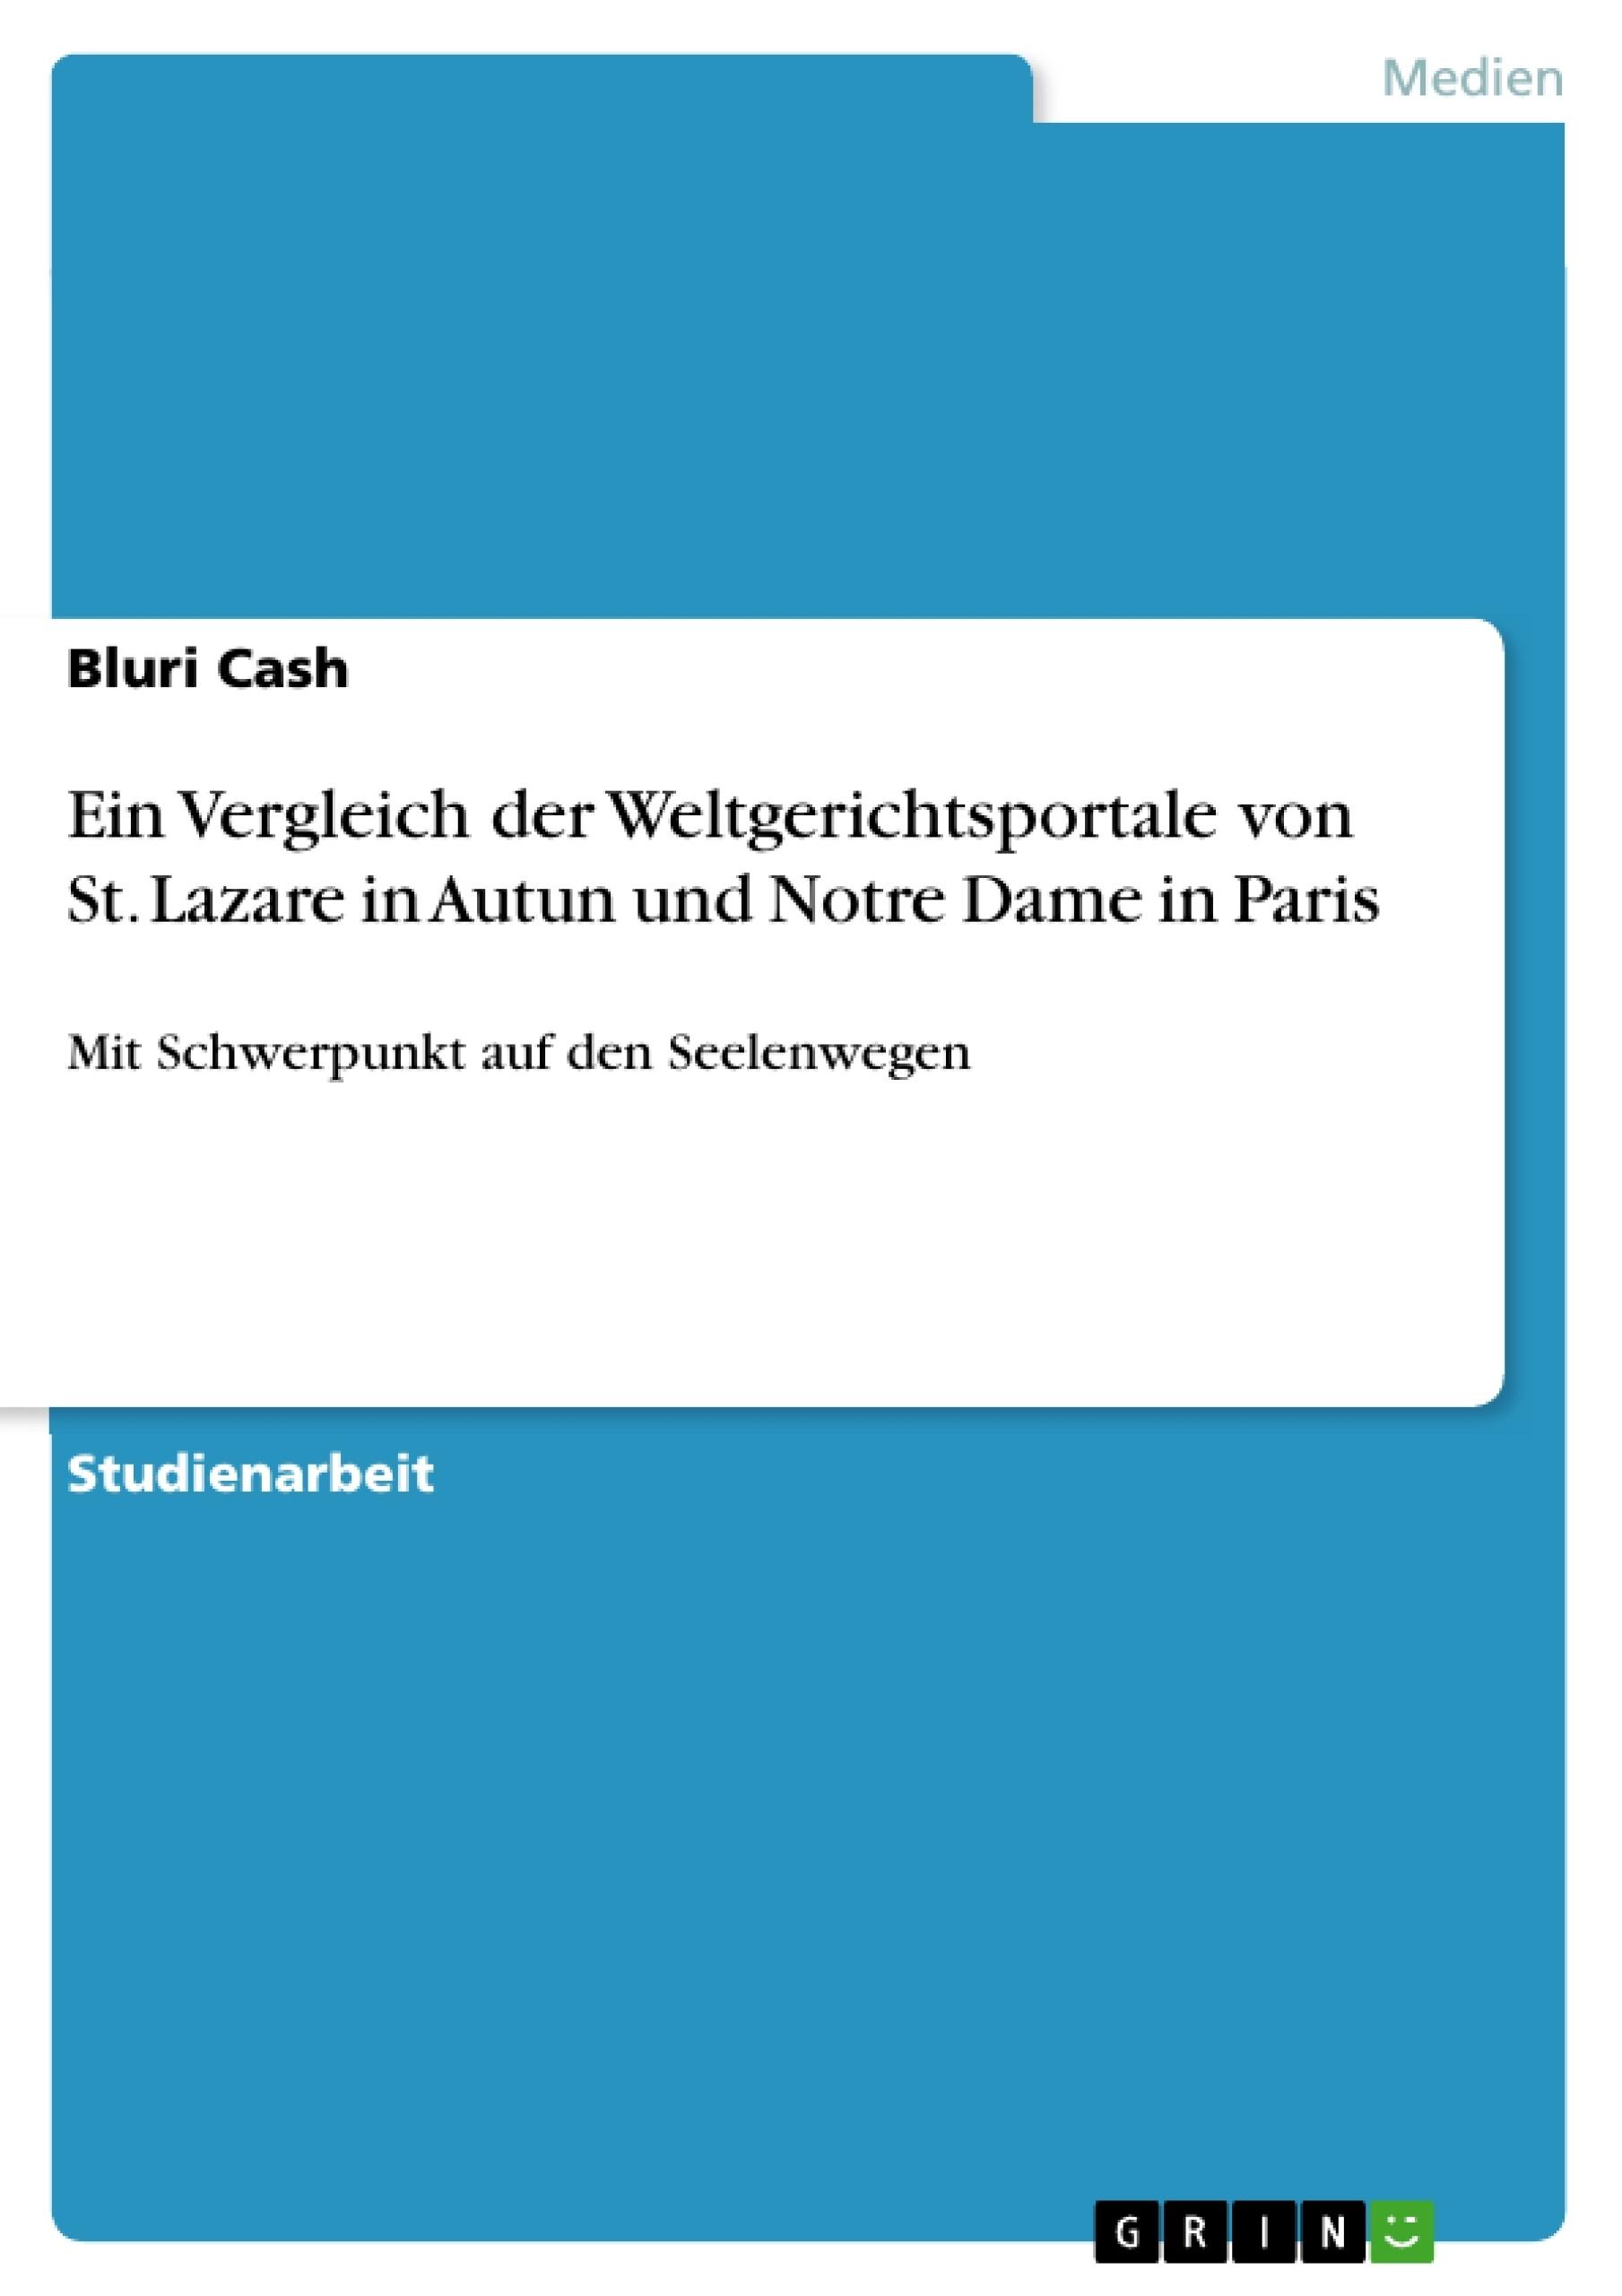 Titel: Ein Vergleich der Weltgerichtsportale von St. Lazare in Autun und Notre Dame in Paris